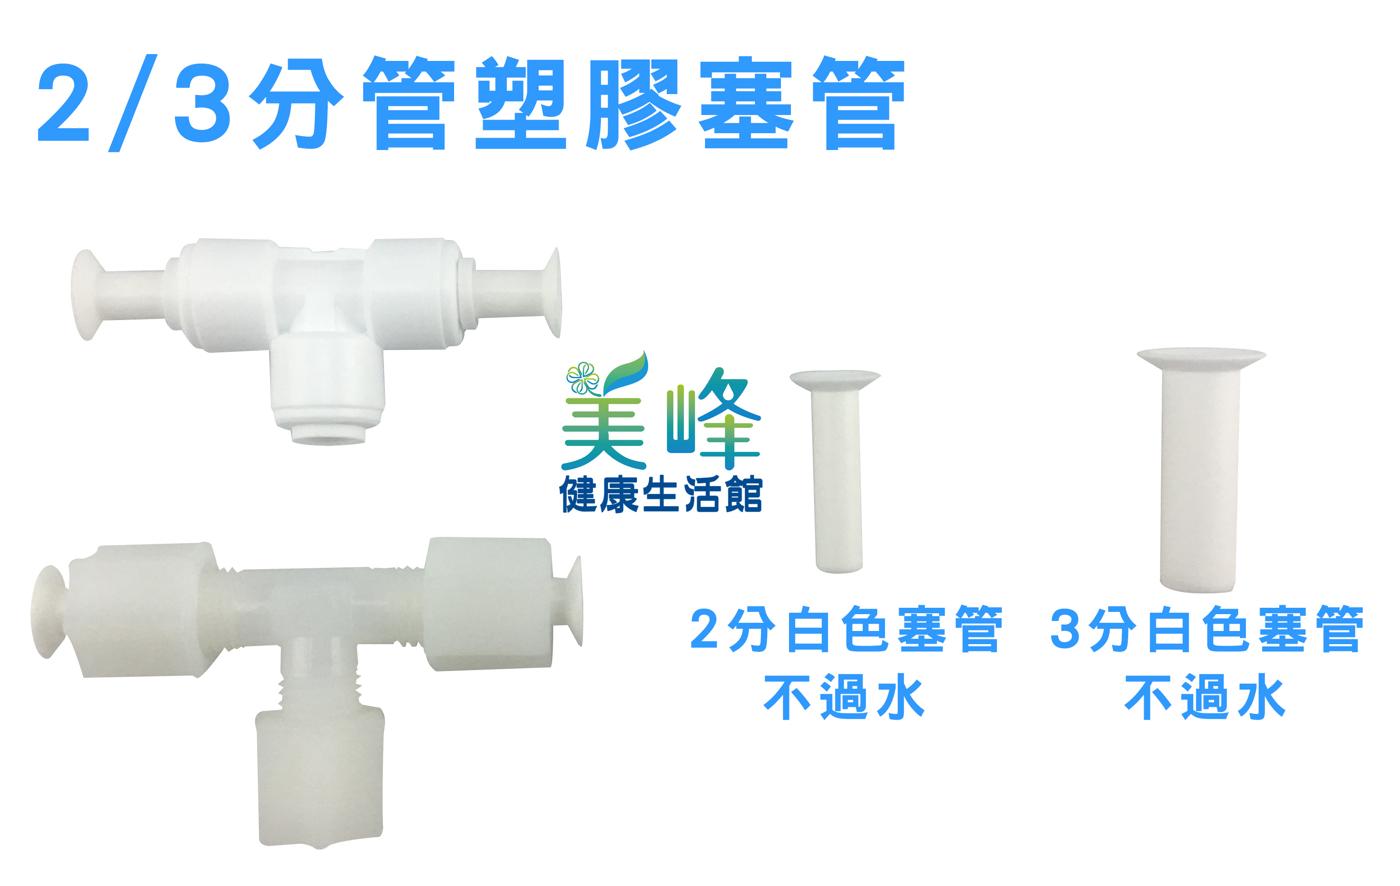 2分塞管/不過水/淨水塞管白色塞管只賣10元/個,另有三分